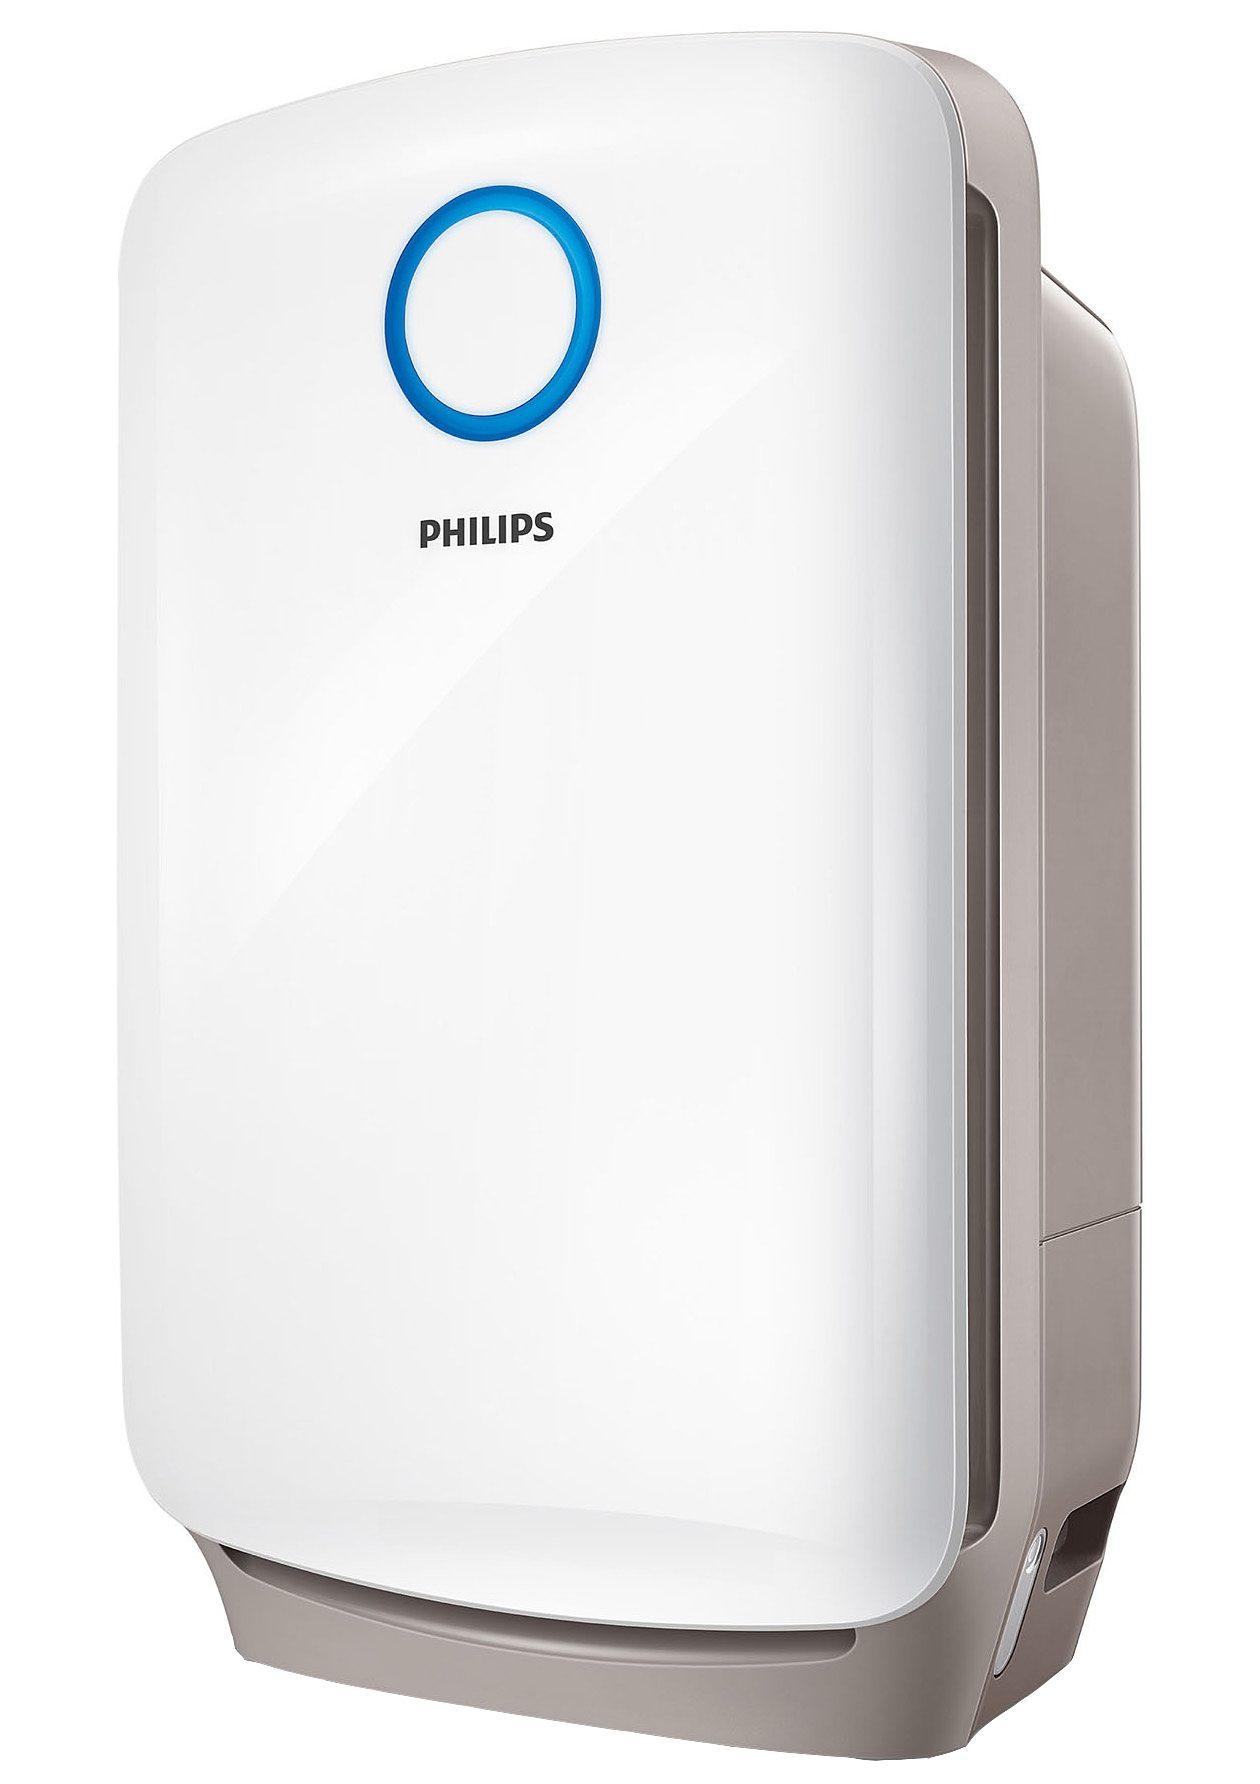 Philips Luftbefeuchter und Luftreiniger AC4080/10 2-in-1 Kombigerät für Büro und Wohnung